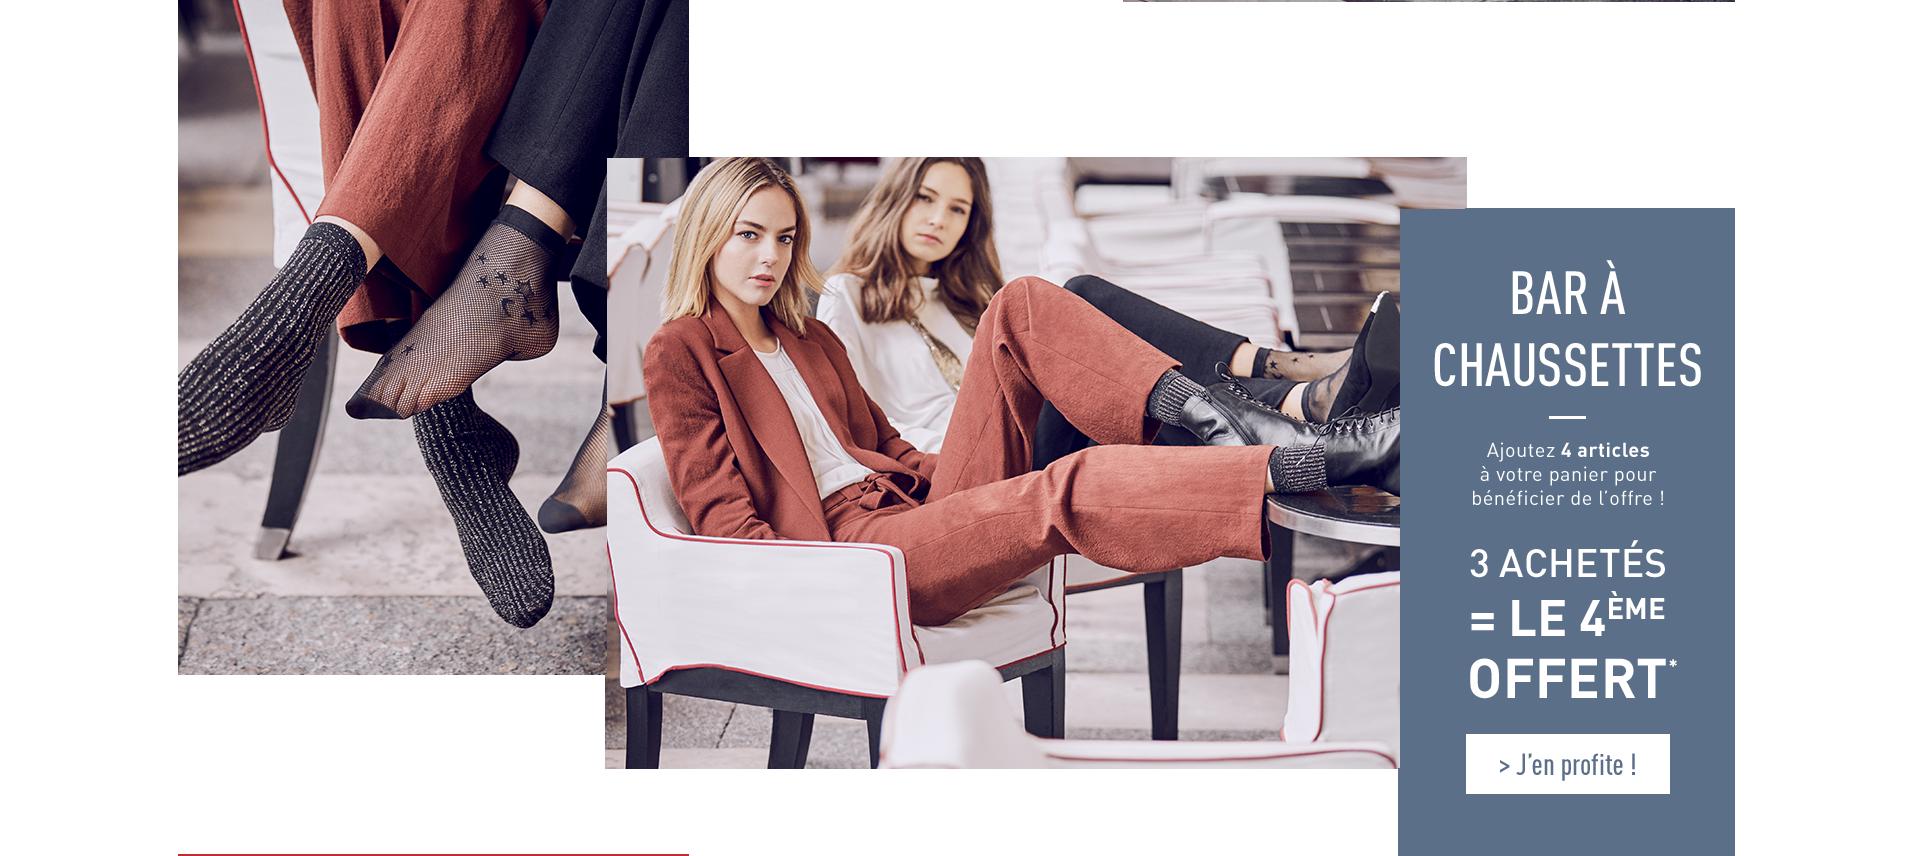 Les socquettes : Le détail féminin du costume !